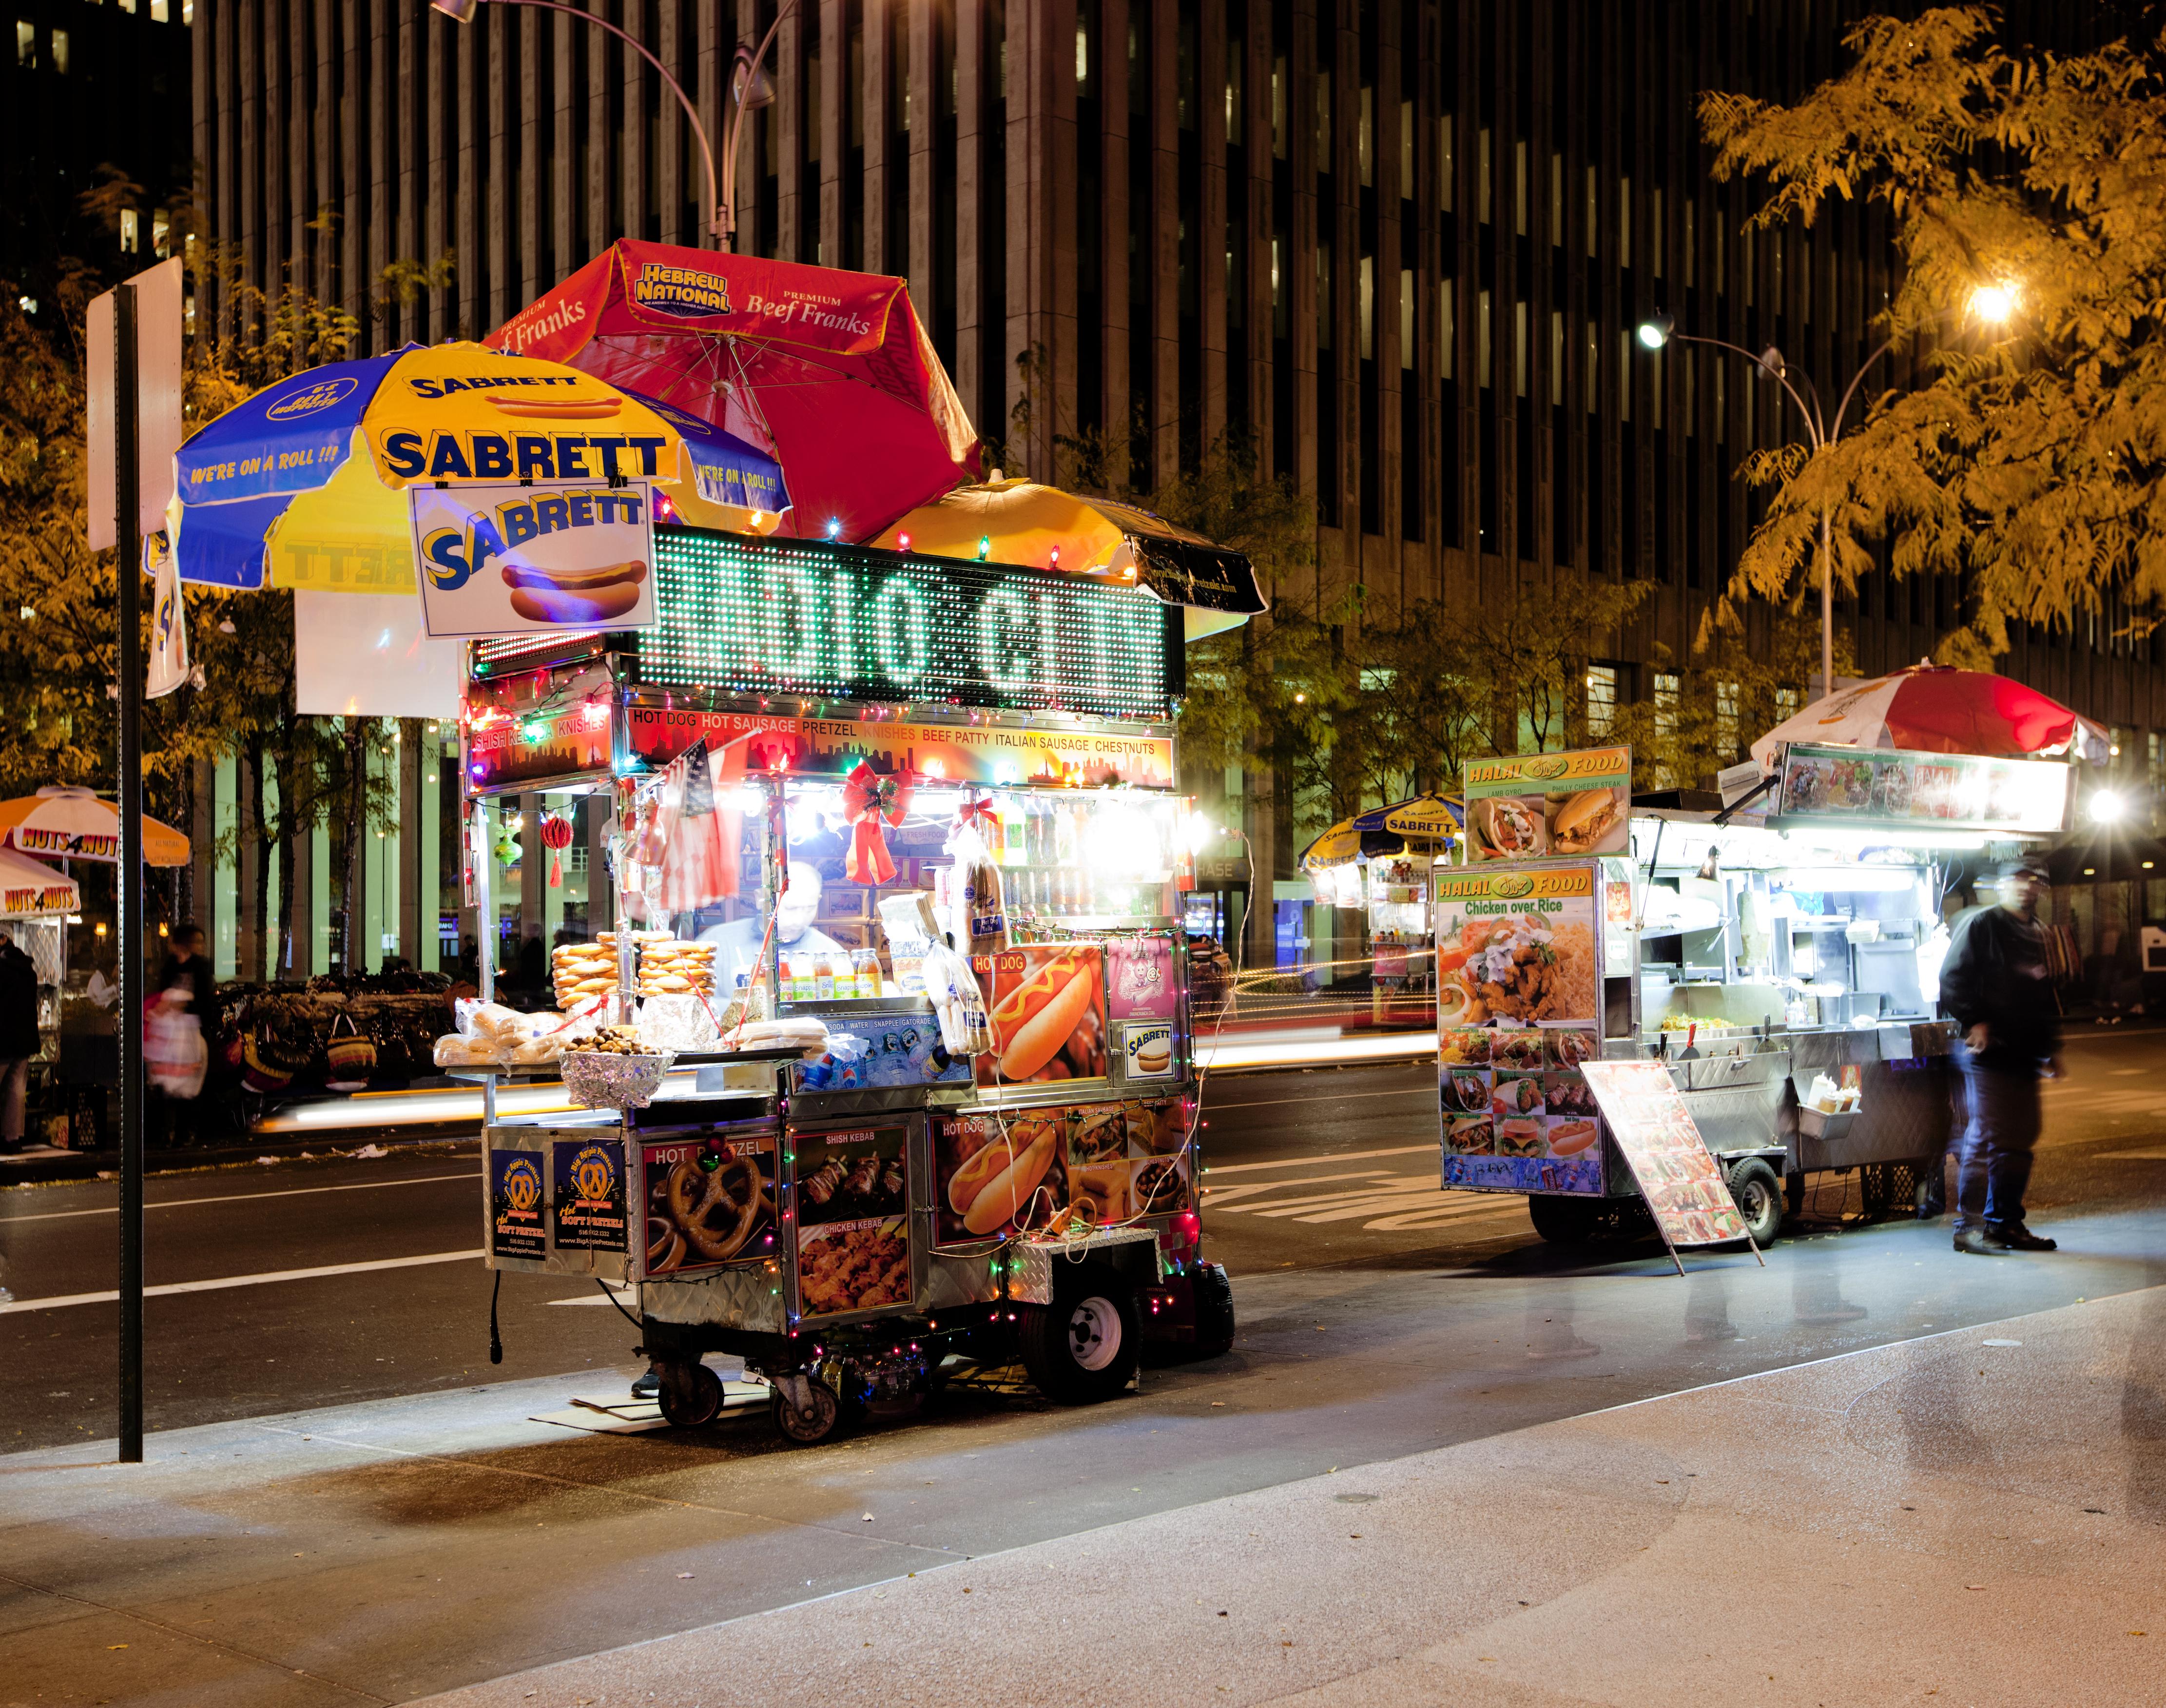 NY - hot dog